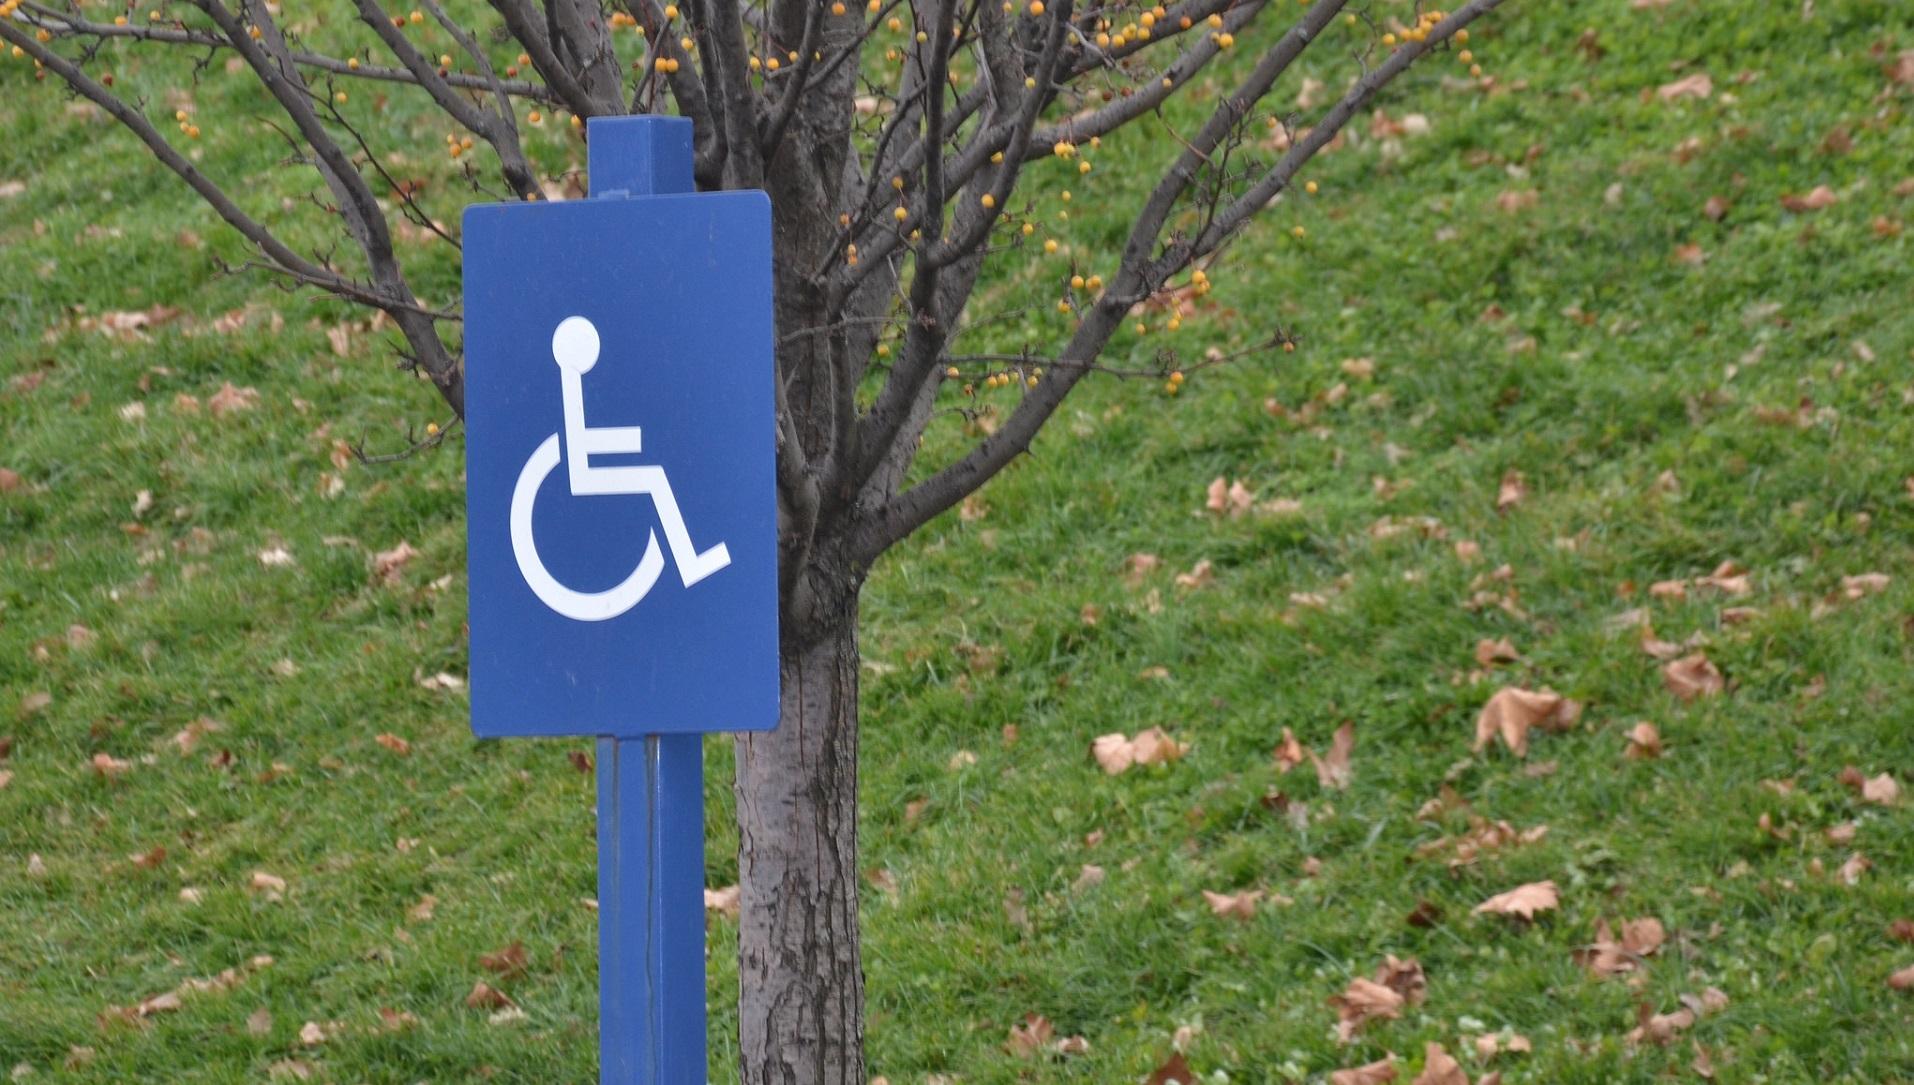 Coches autónomos, una potencial mejora para personas con discapacidad